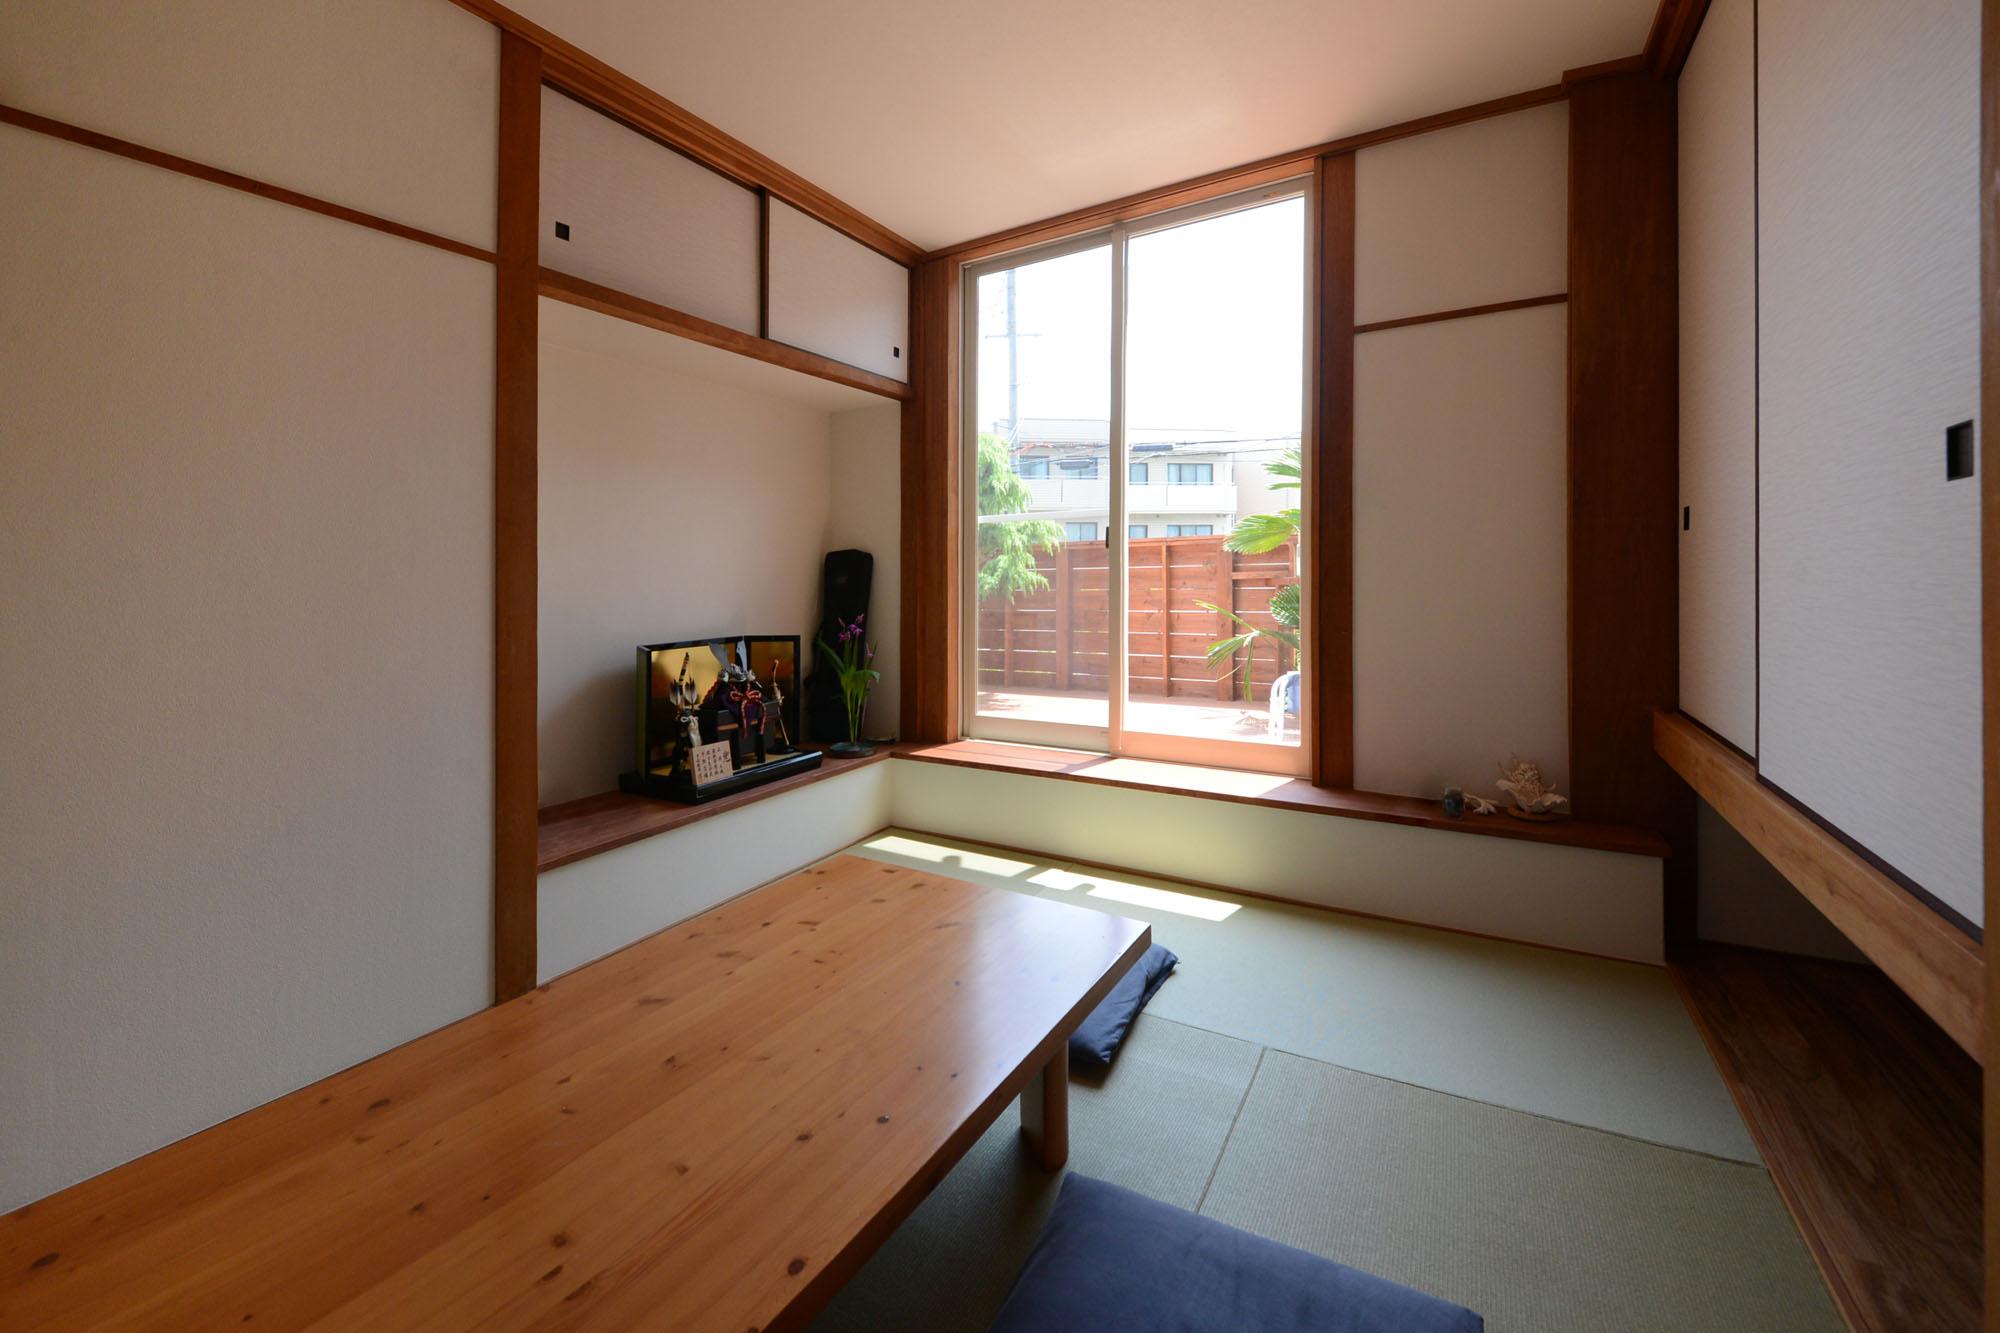 くつろぎ方が広がる、ウッドデッキ付きの和室。の写真